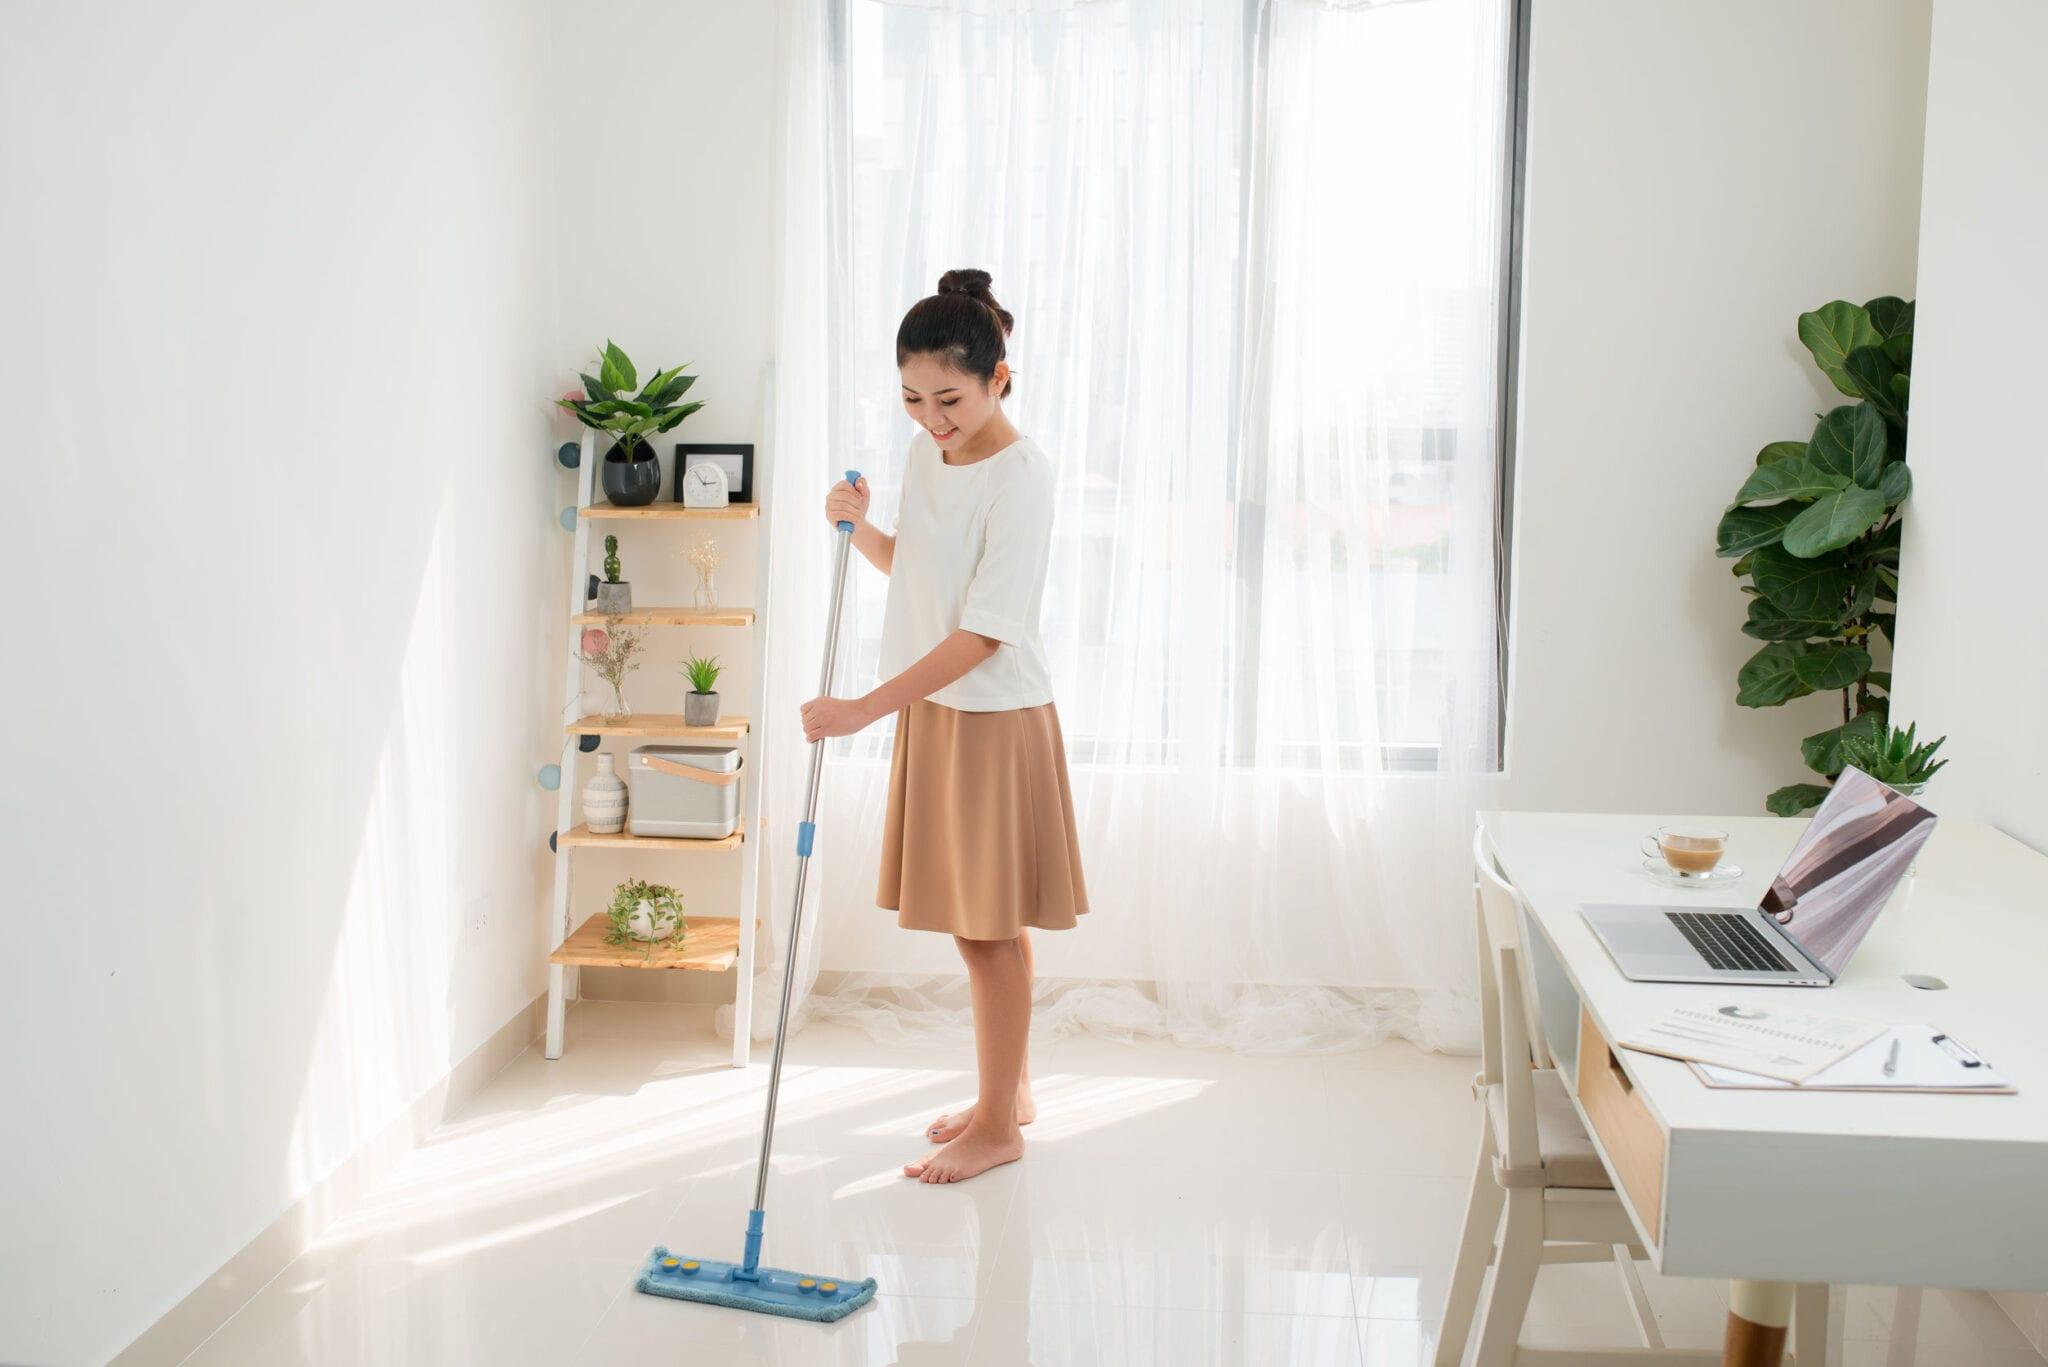 Tips onderhoud en schoonmaken vloeren; van hout tot laminaat en pvc of vloerbedekking - Mamaliefde.nl